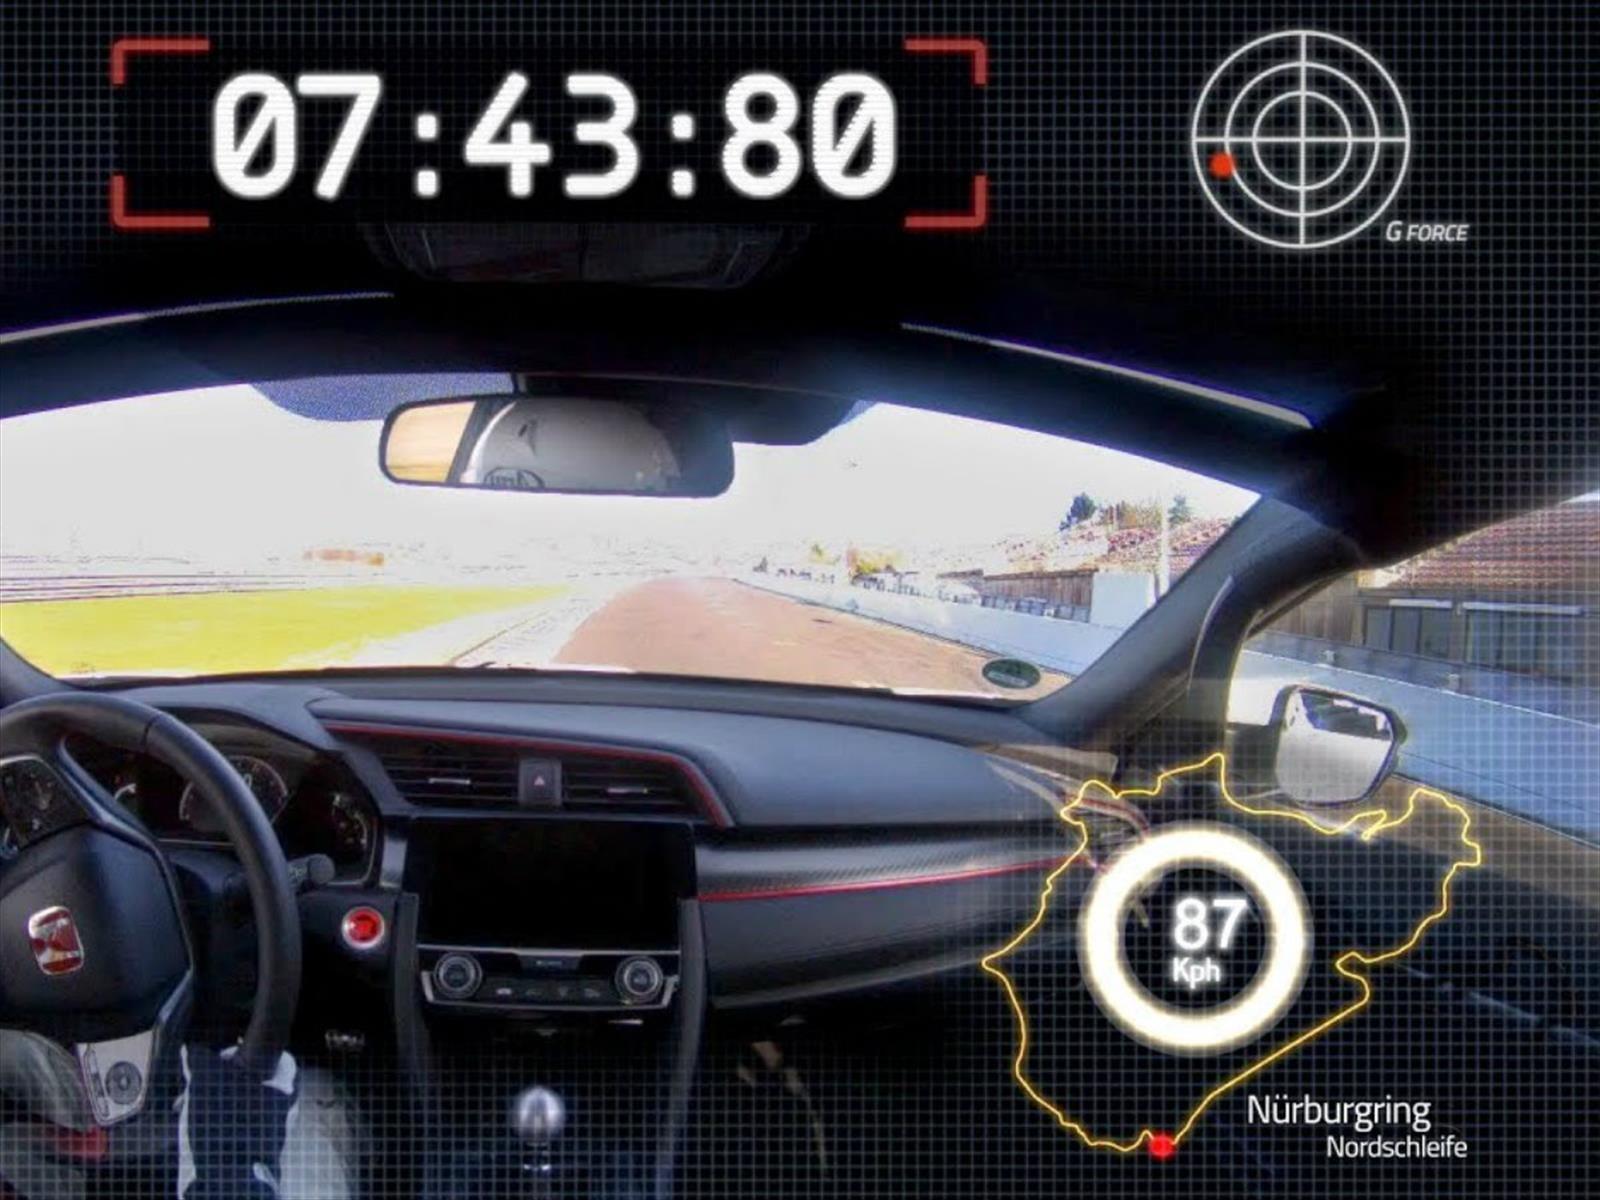 Nürburgring: los reyes de tracción delantera en video